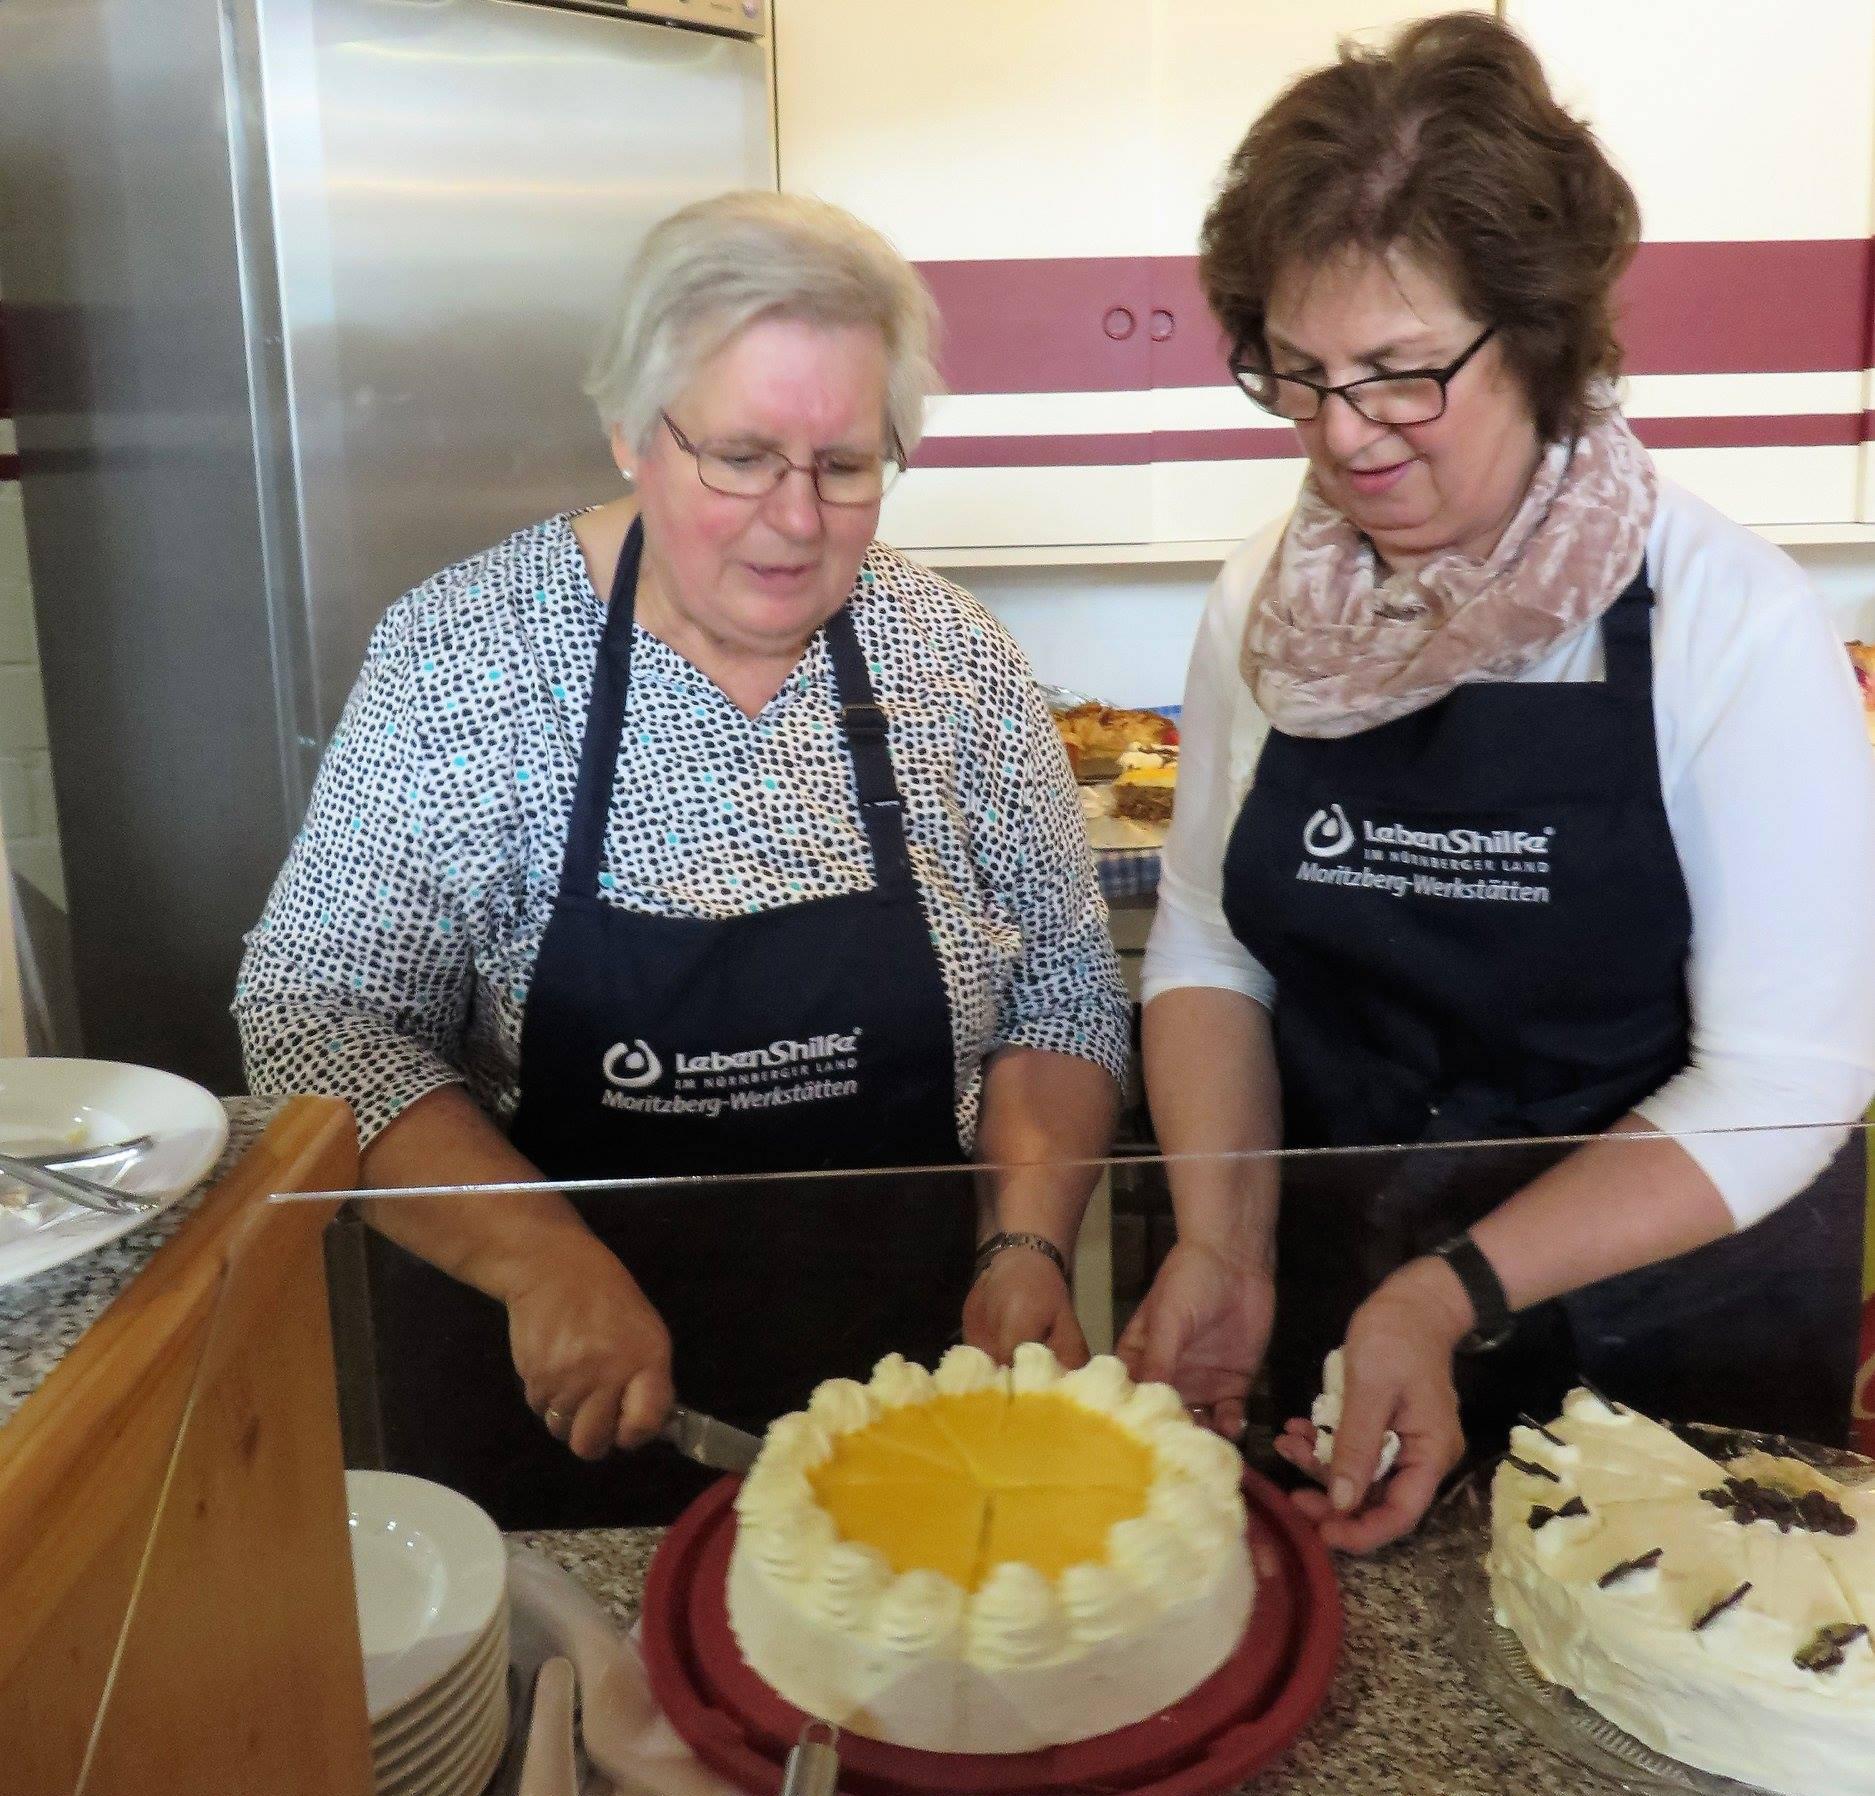 Die Erlöse aus dem Kuchenverkauf kommen Projekten der Moritzberg-Werkstätten zugute.